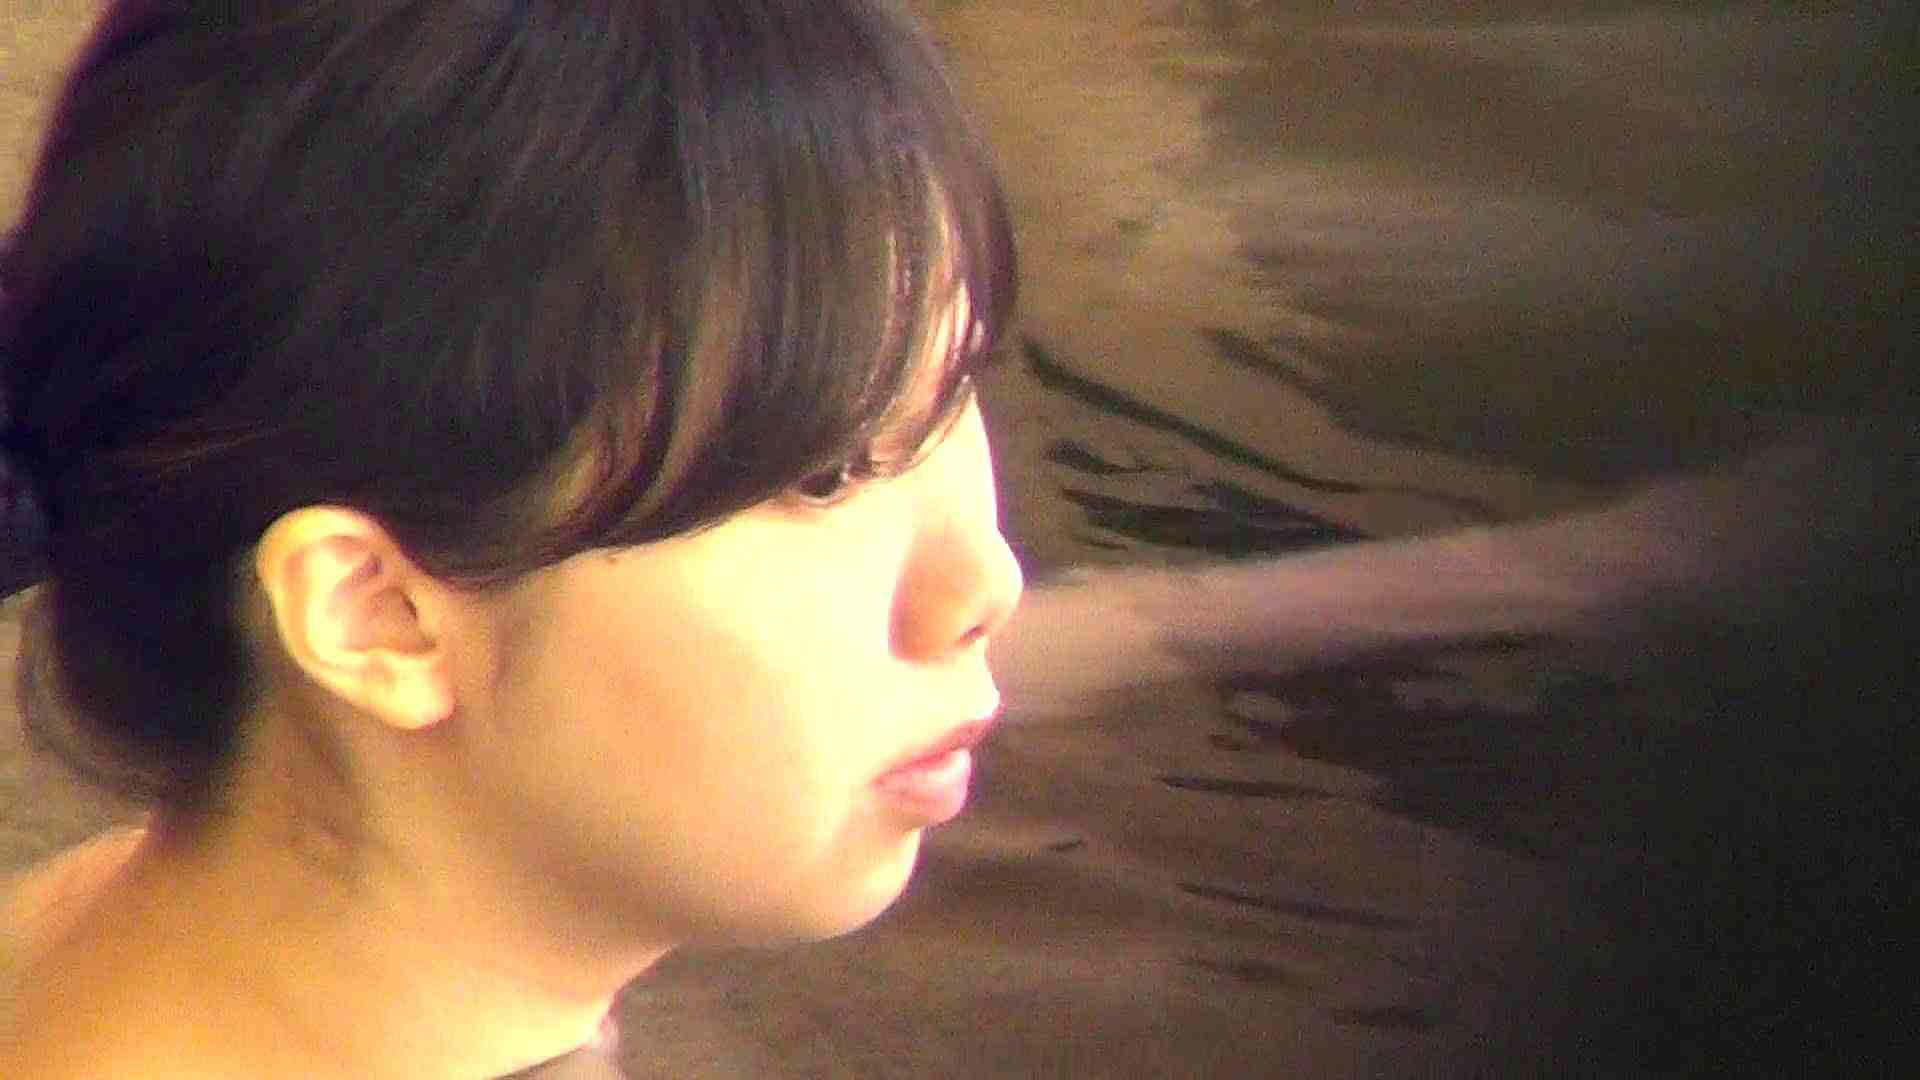 Aquaな露天風呂Vol.285 盗撮シリーズ  106PIX 14